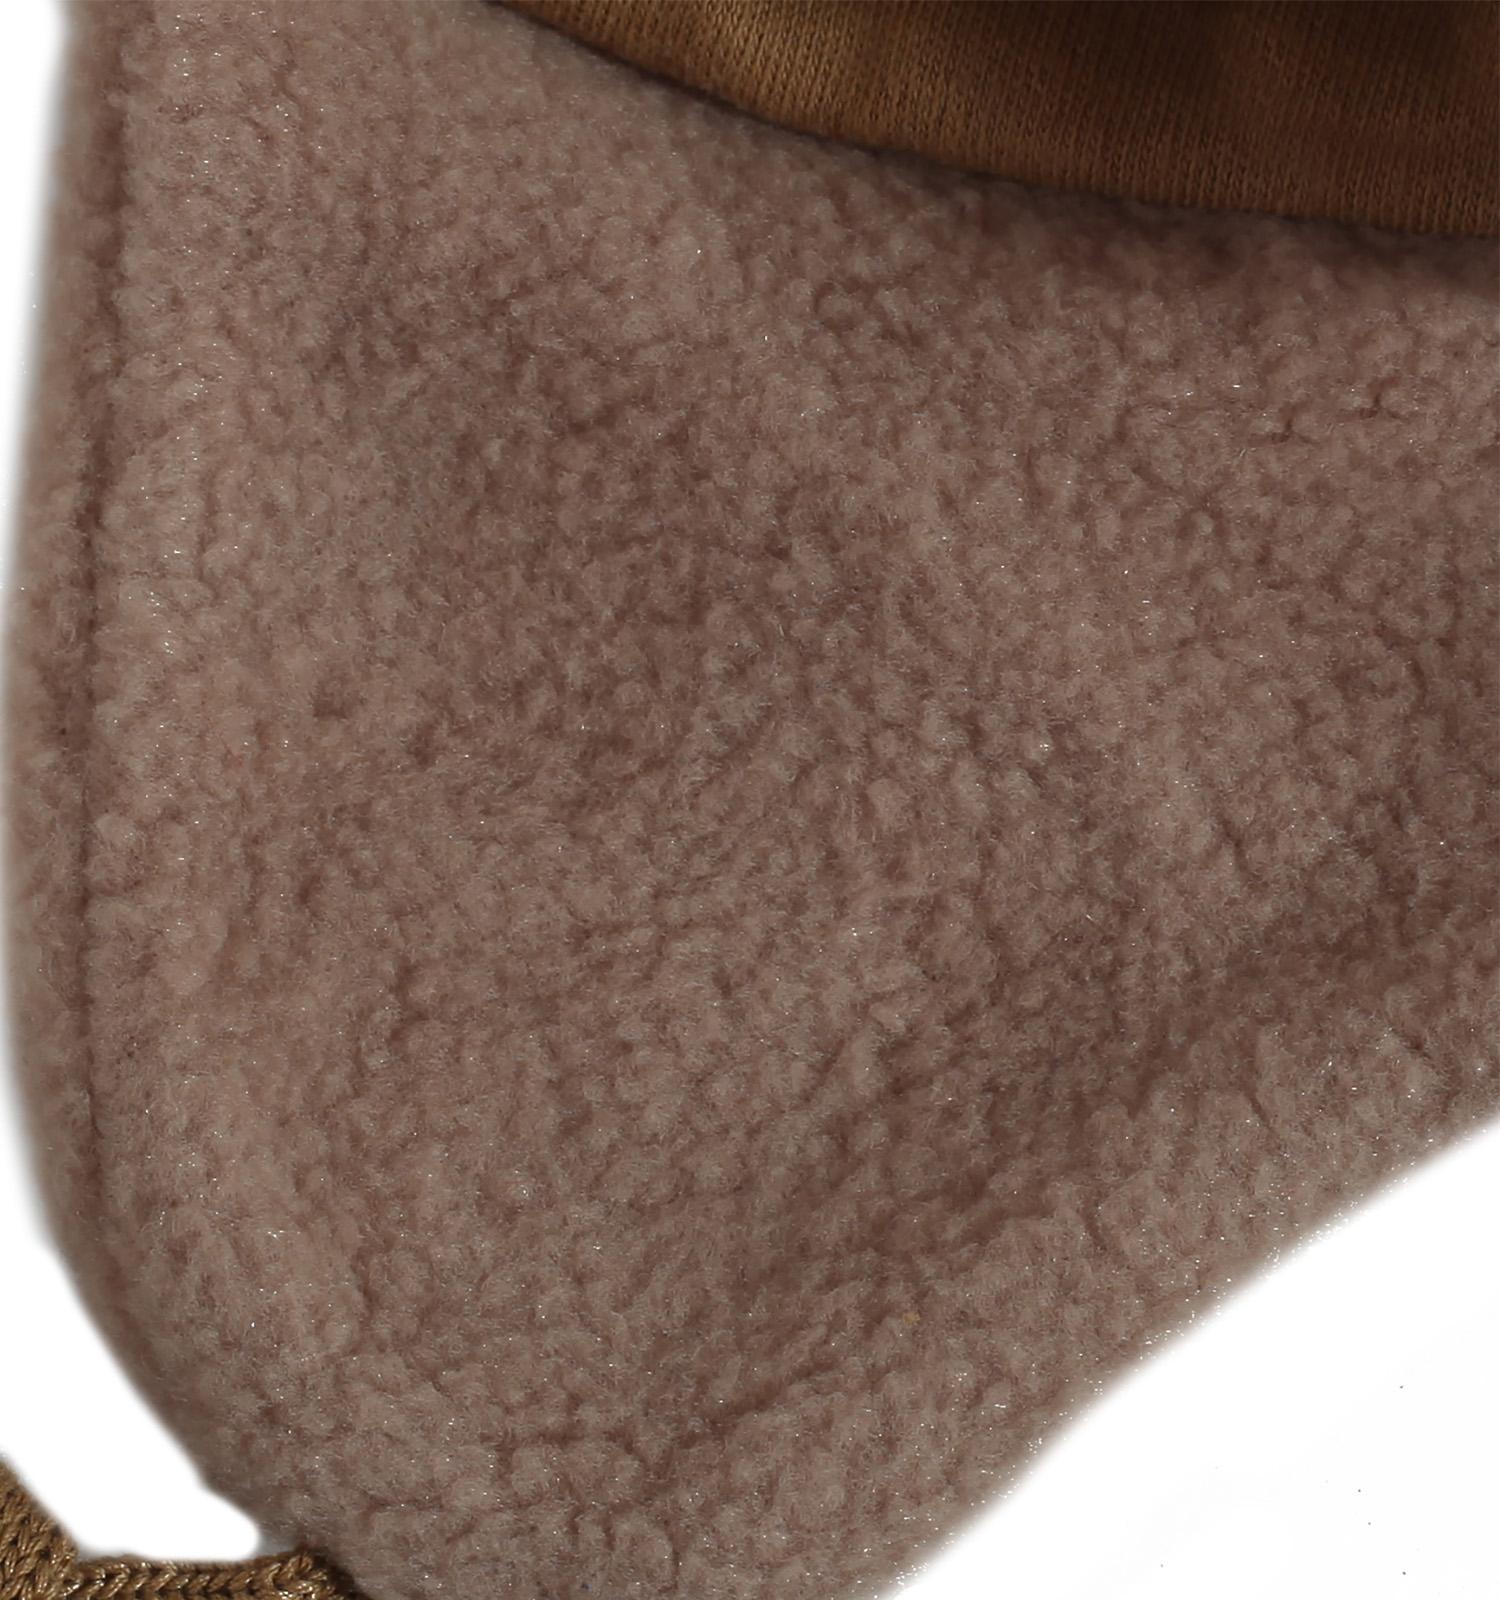 Заказать уникальную глубокую мужскую флисовую шапку с ушками по оптимальной цене